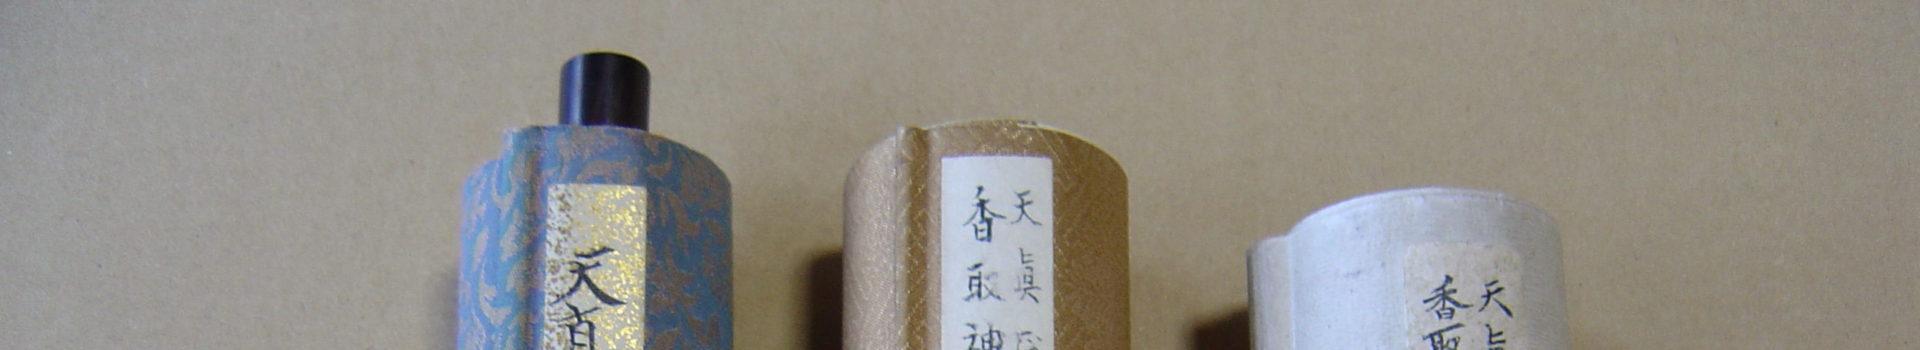 Tenshinsho-den Katori Shinto Ryu